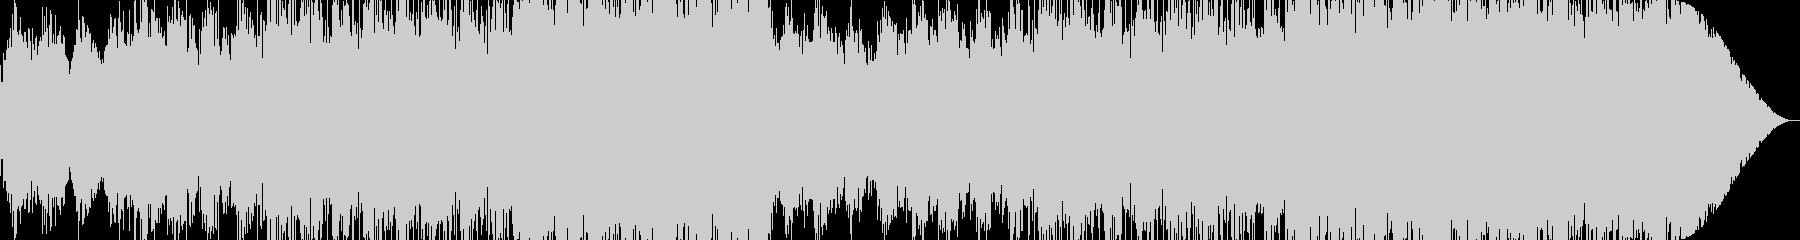 幻想的・ポストロックの未再生の波形